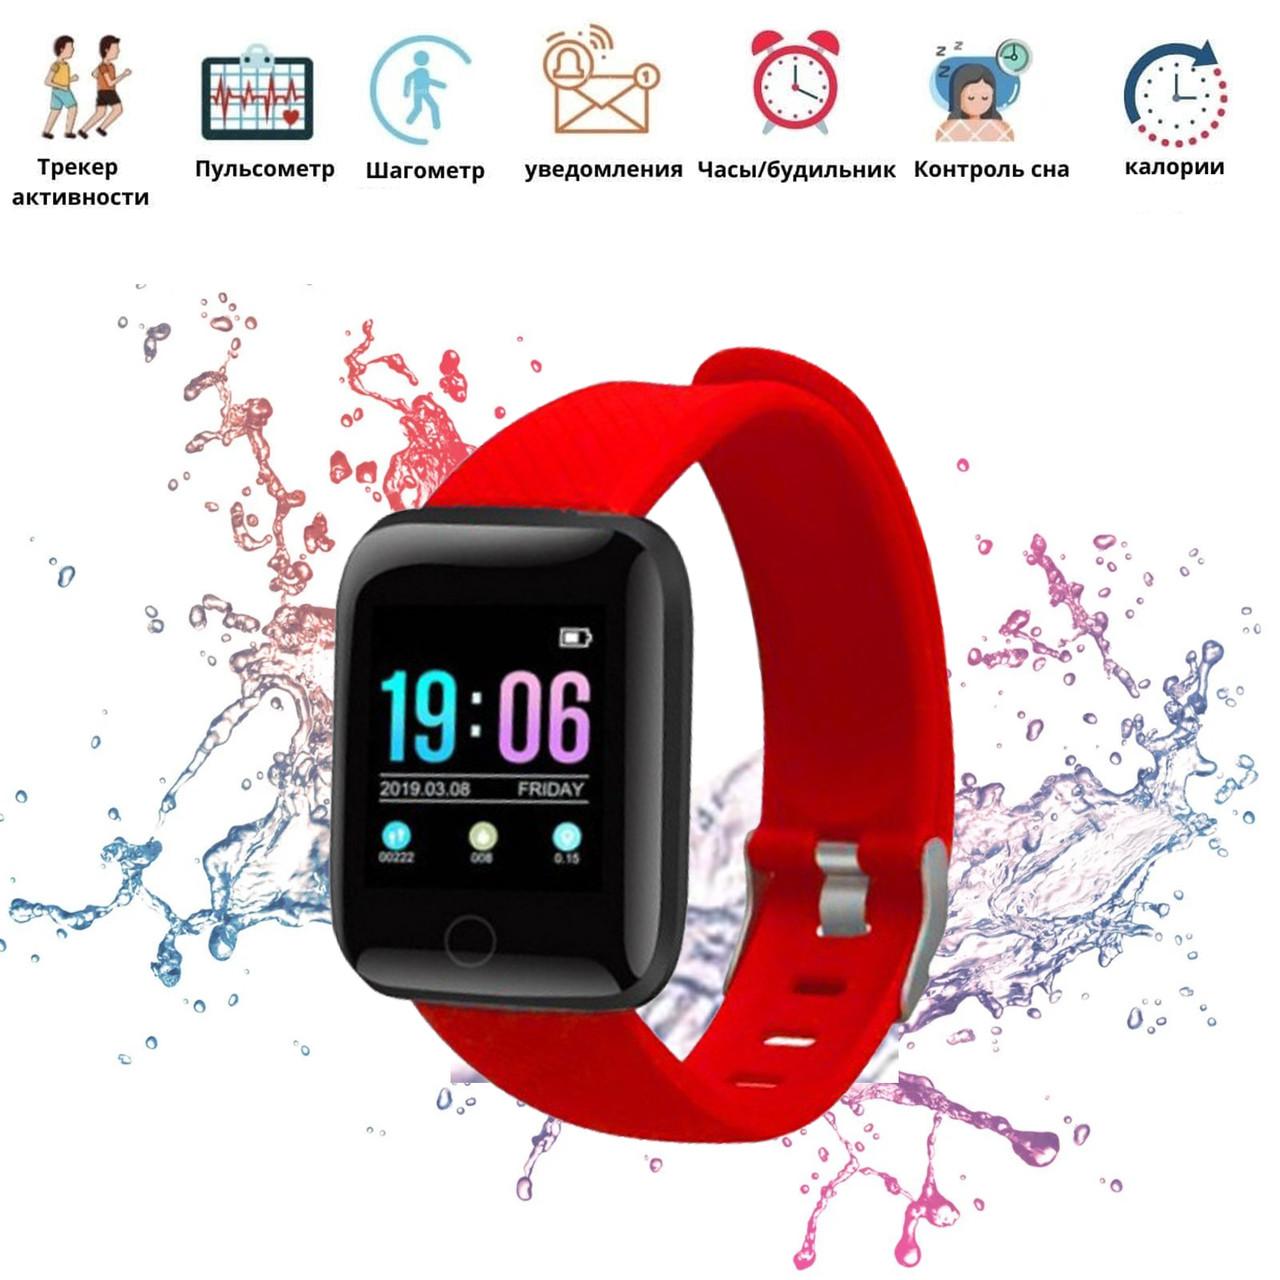 Фитнес-браслет SMART WATCH B7 PRO Смарт часы с защитой от влаги IP67 и режимом тренировки Фитнес трекер